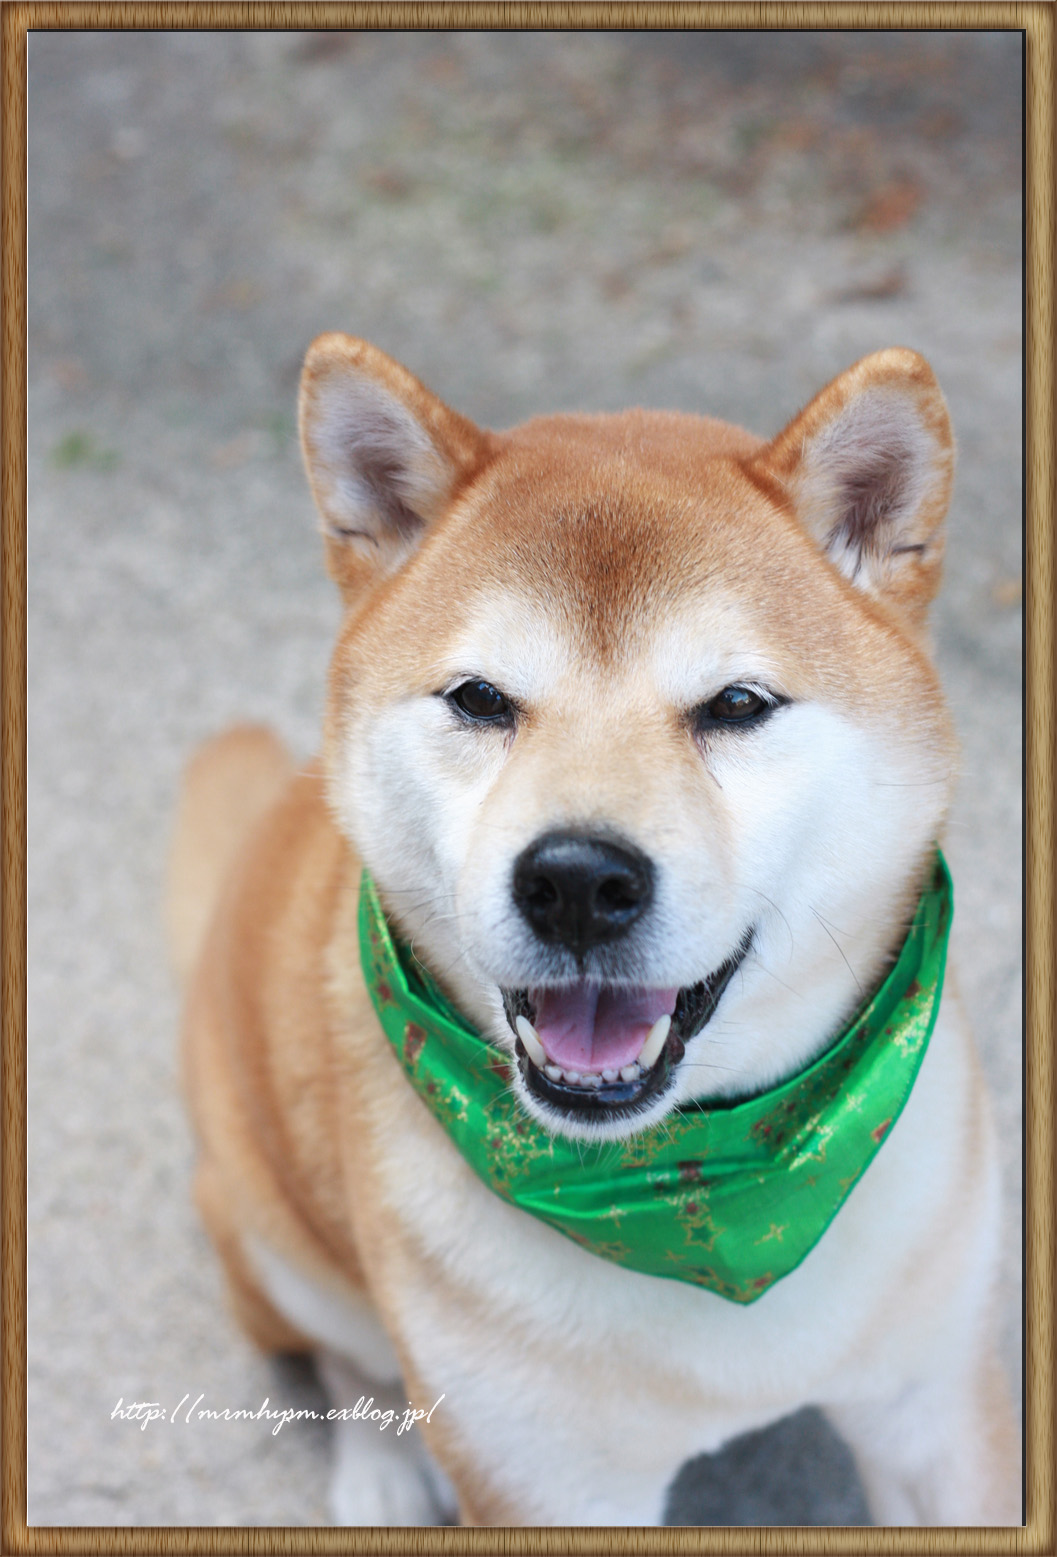 お正月といえば、柴犬!!だいちゃん撮影♪_b0123371_19545397.jpg